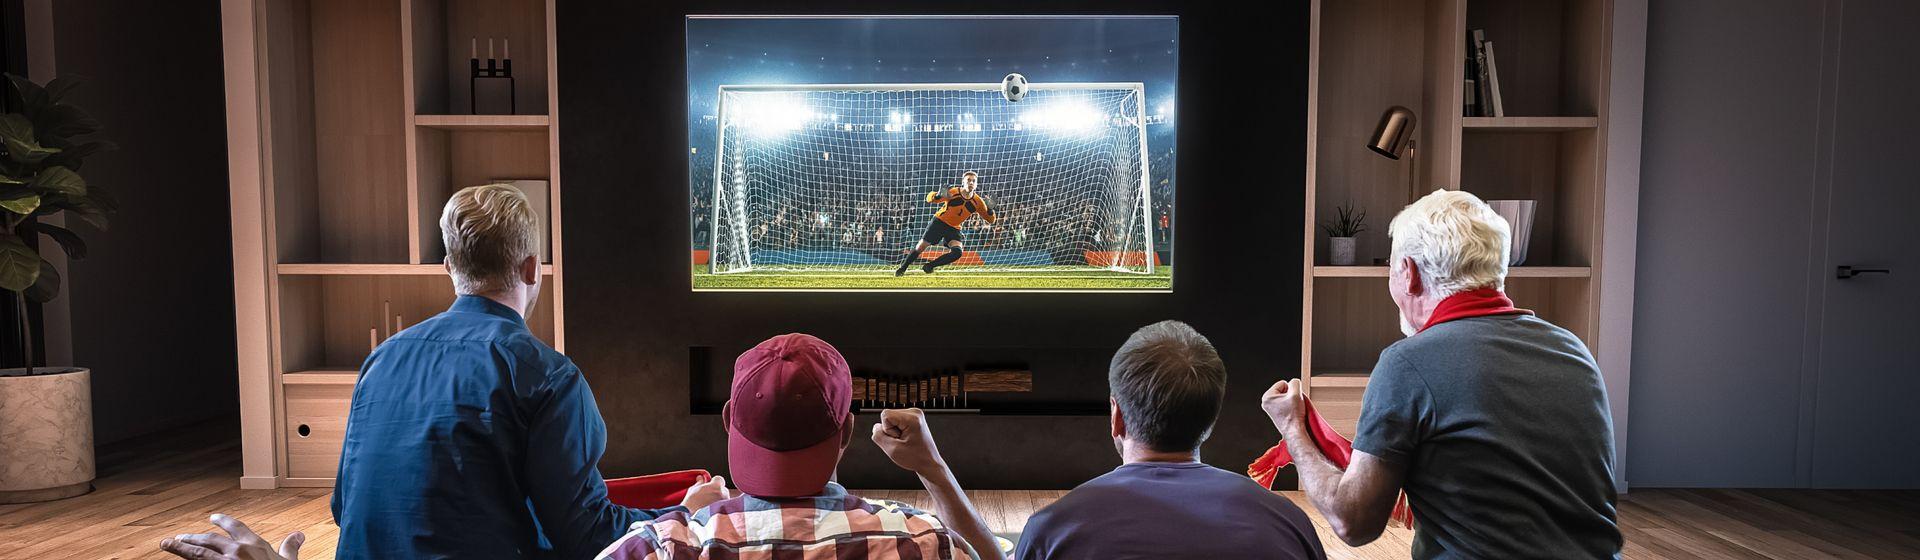 Futebol ao vivo na TV: confira 4 apps para assistir jogos